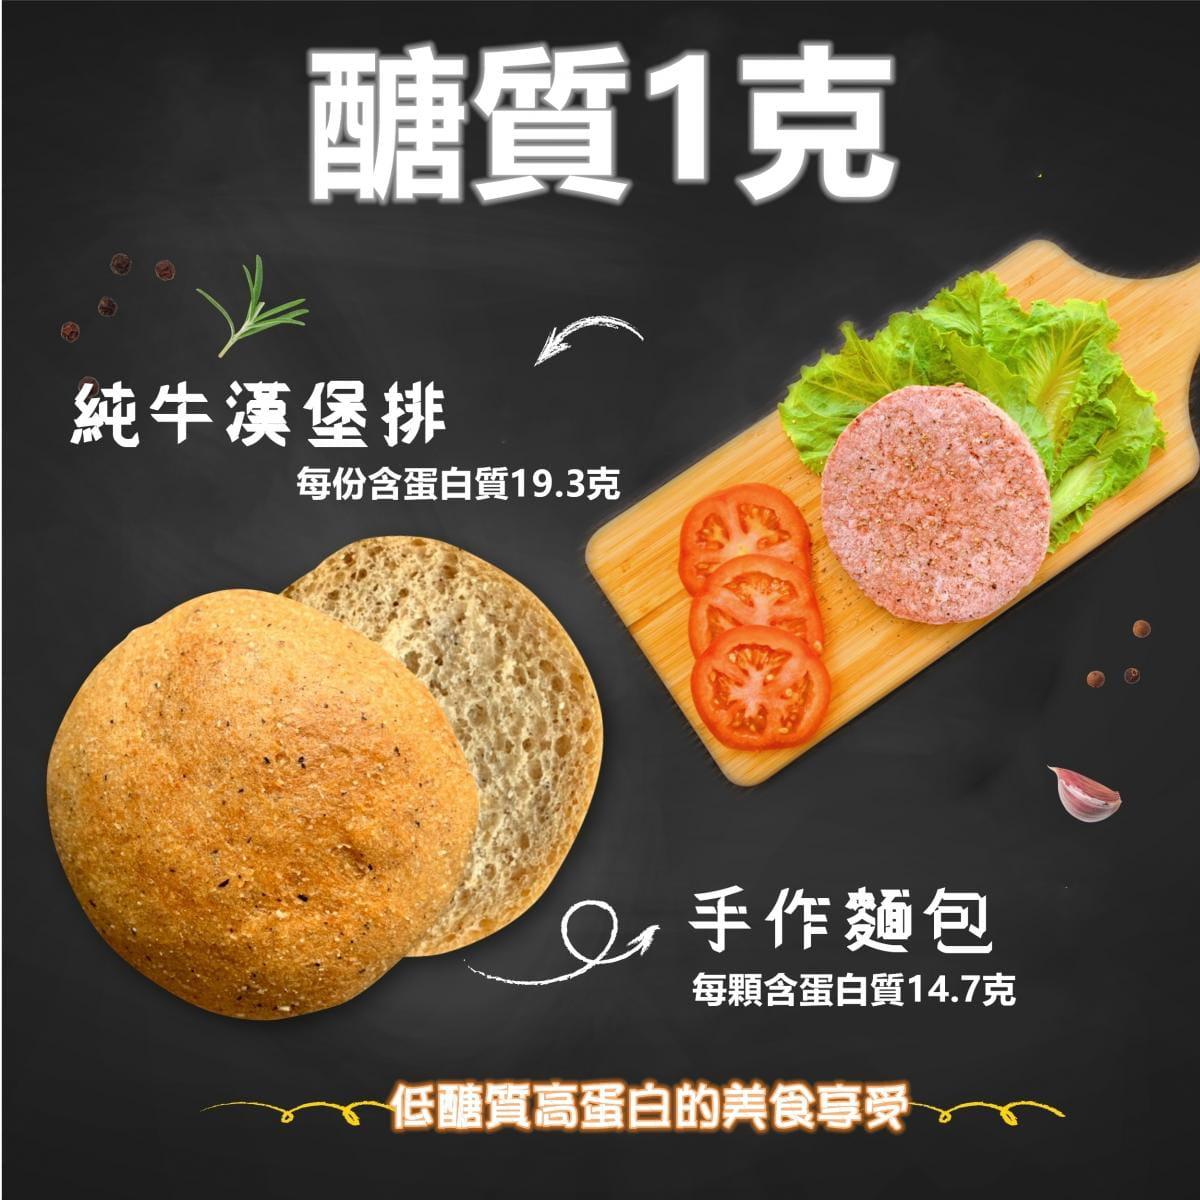 【Bango】醣質1克手作麵包+澳洲100%純牛肉漢堡排組 0